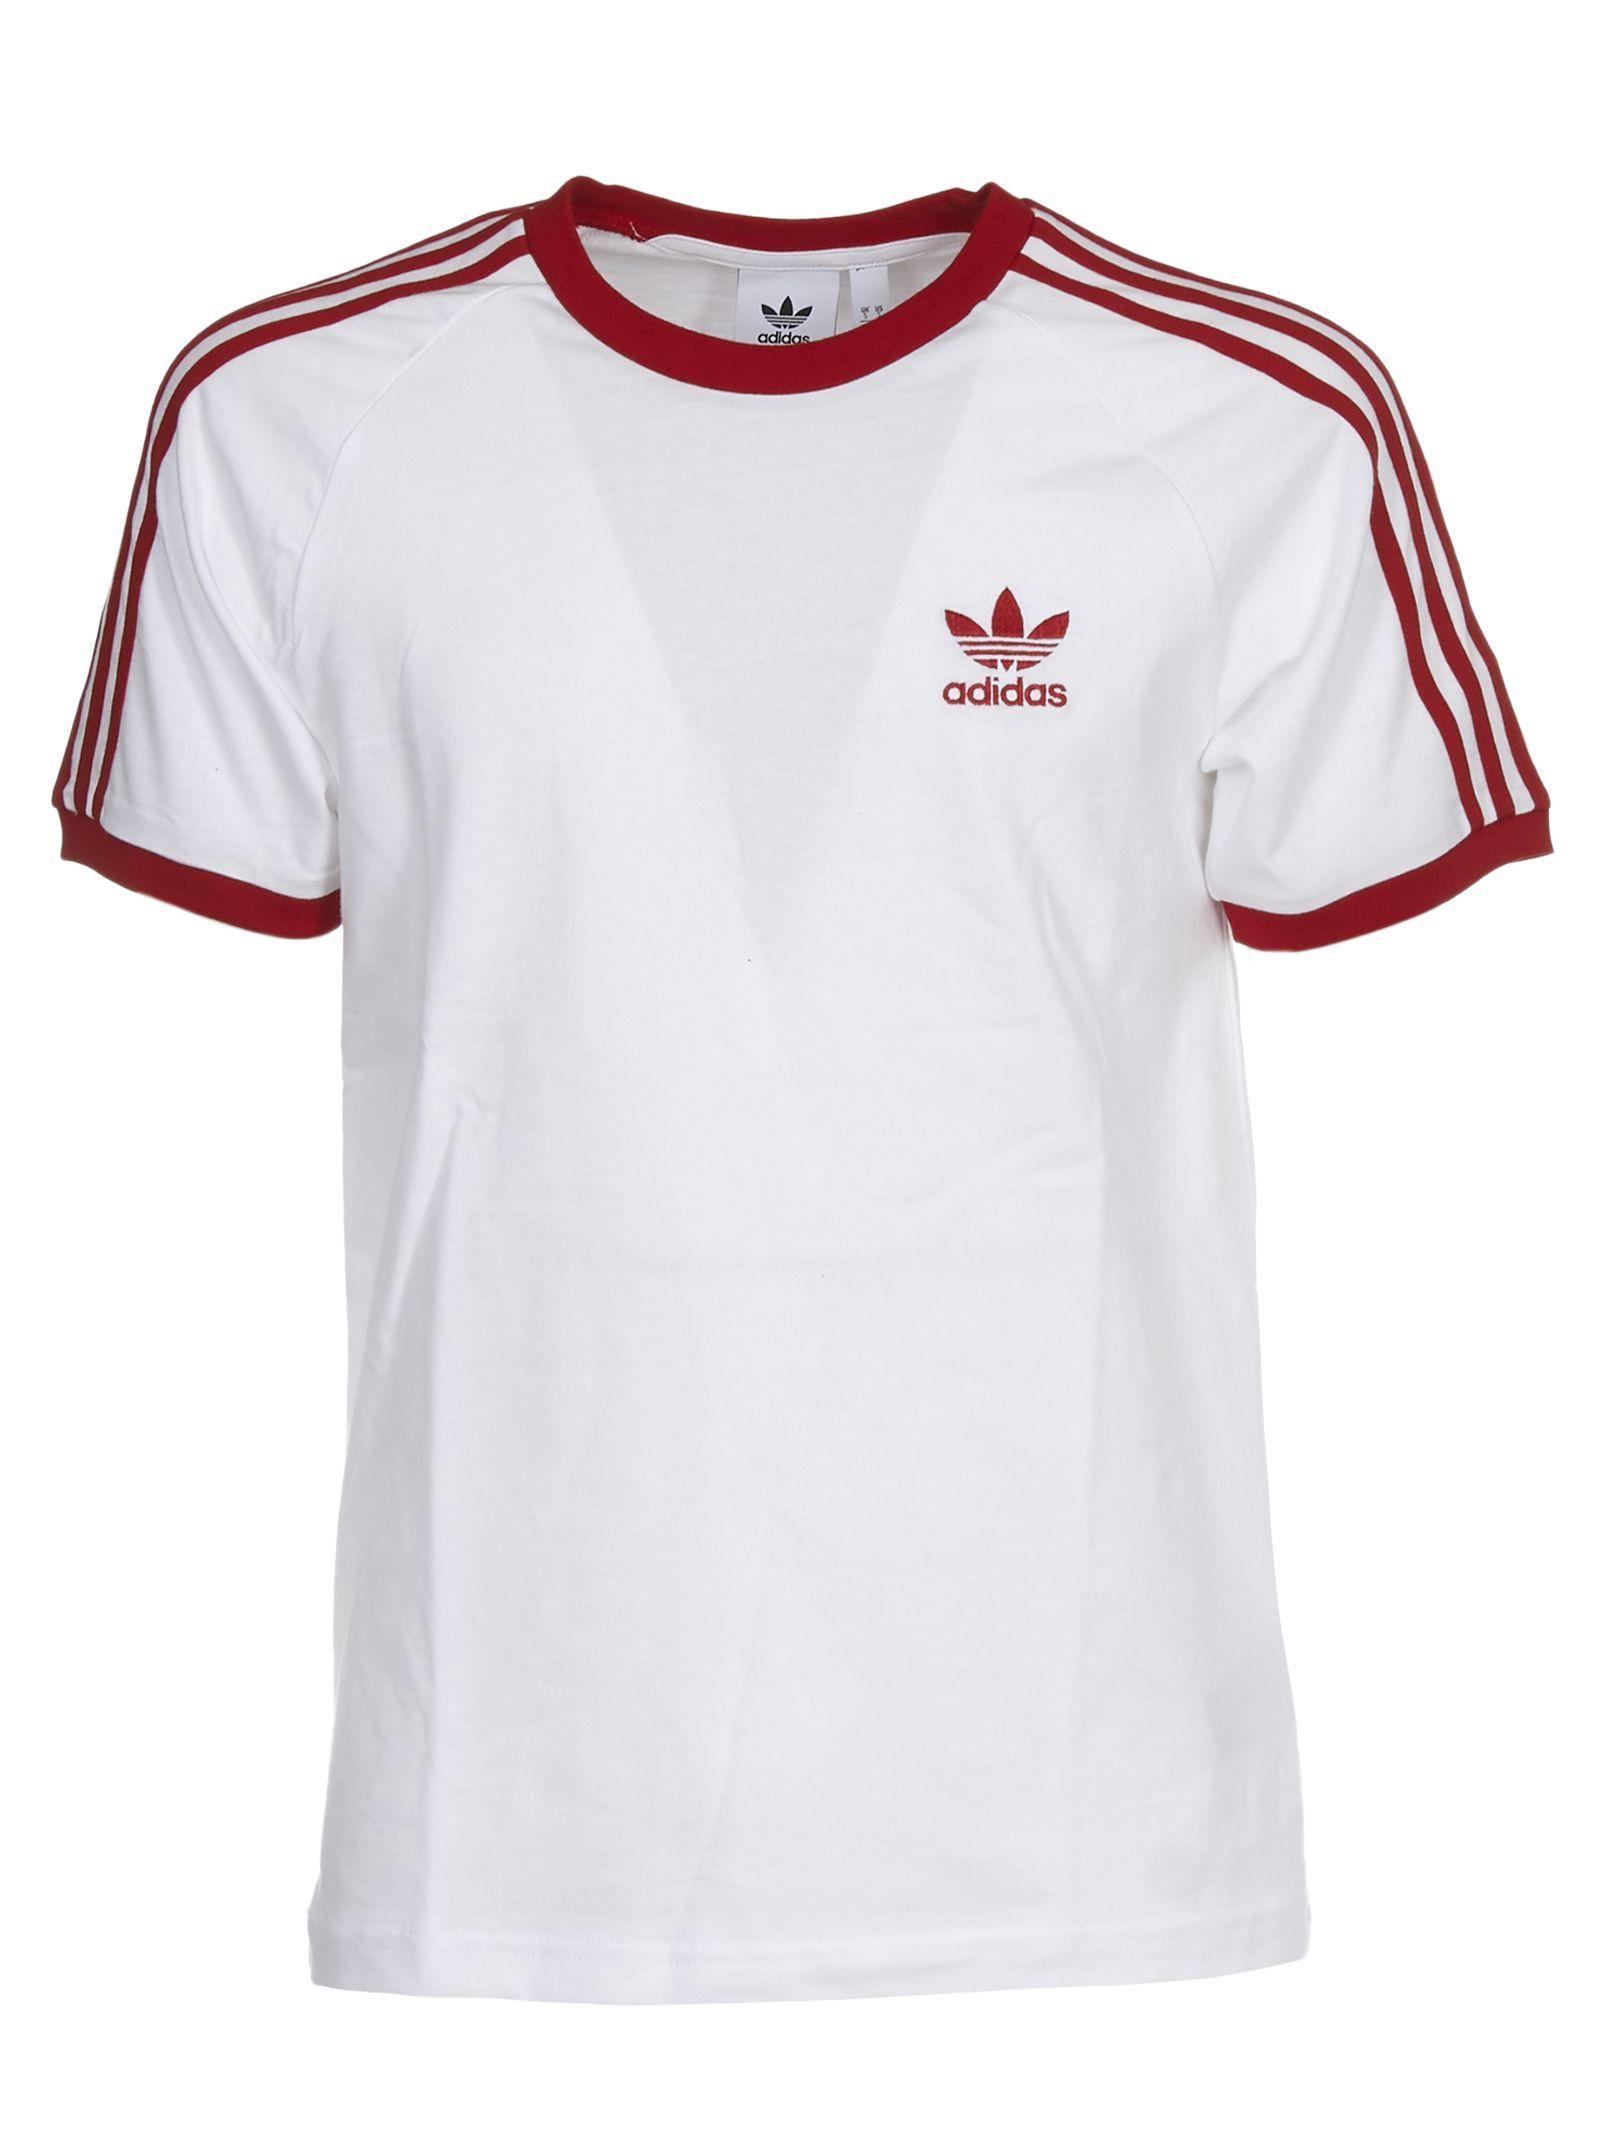 Adidas Originals Embroidered Logo T Shirt Adidasoriginals Cloth Tshirt Logo Adidas T Shirt